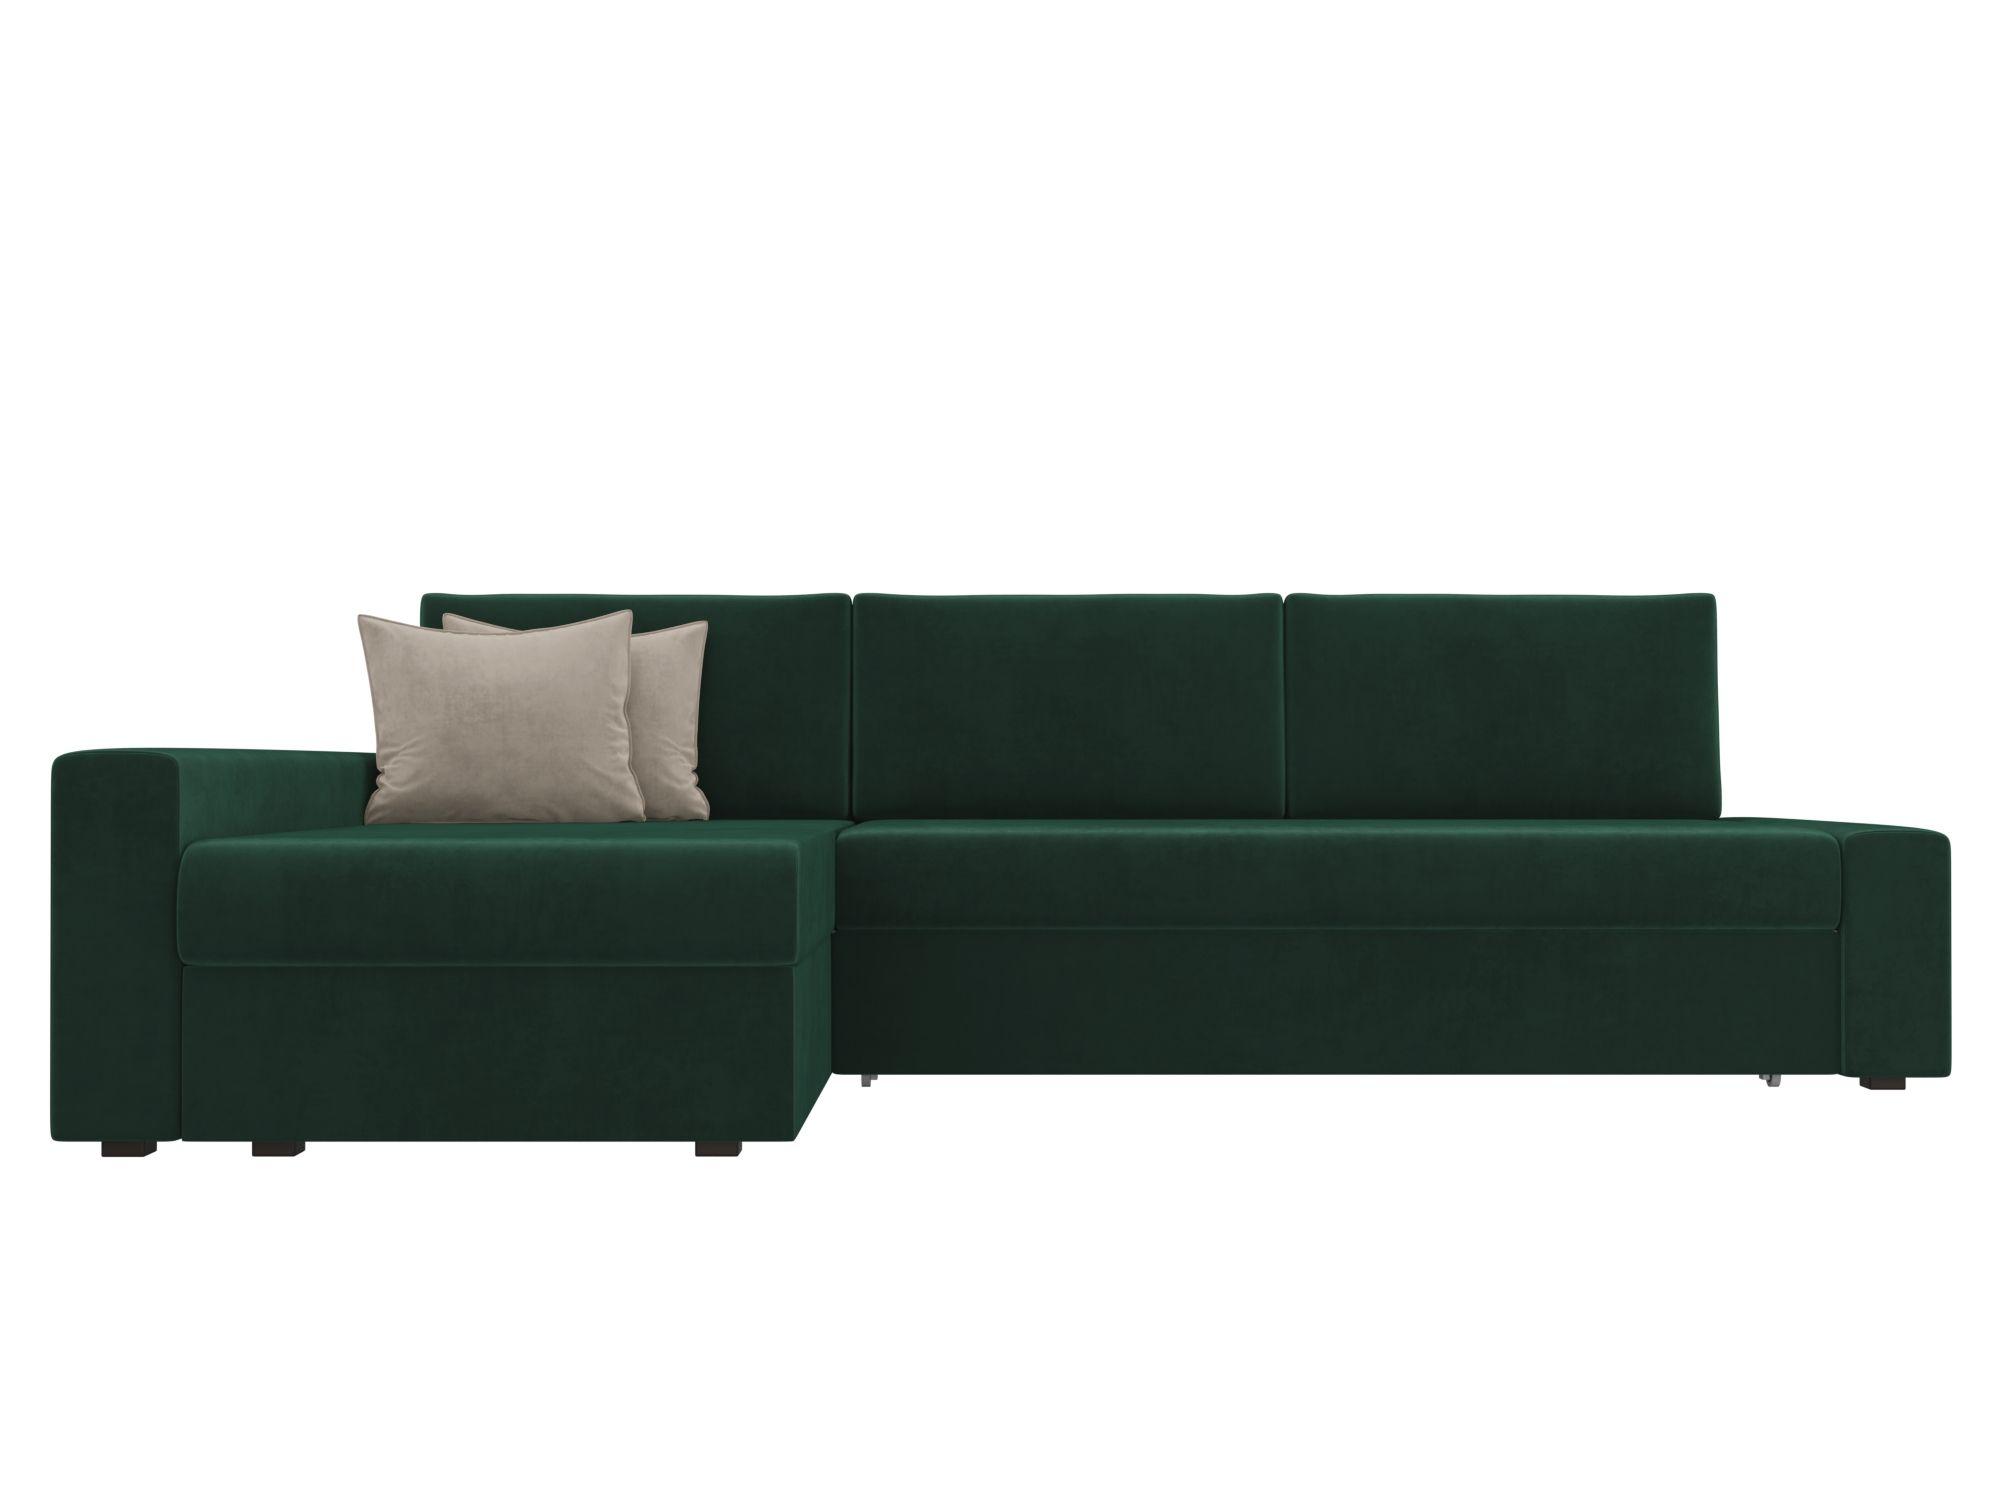 Угловой диван Версаль Левый MebelVia Зеленый